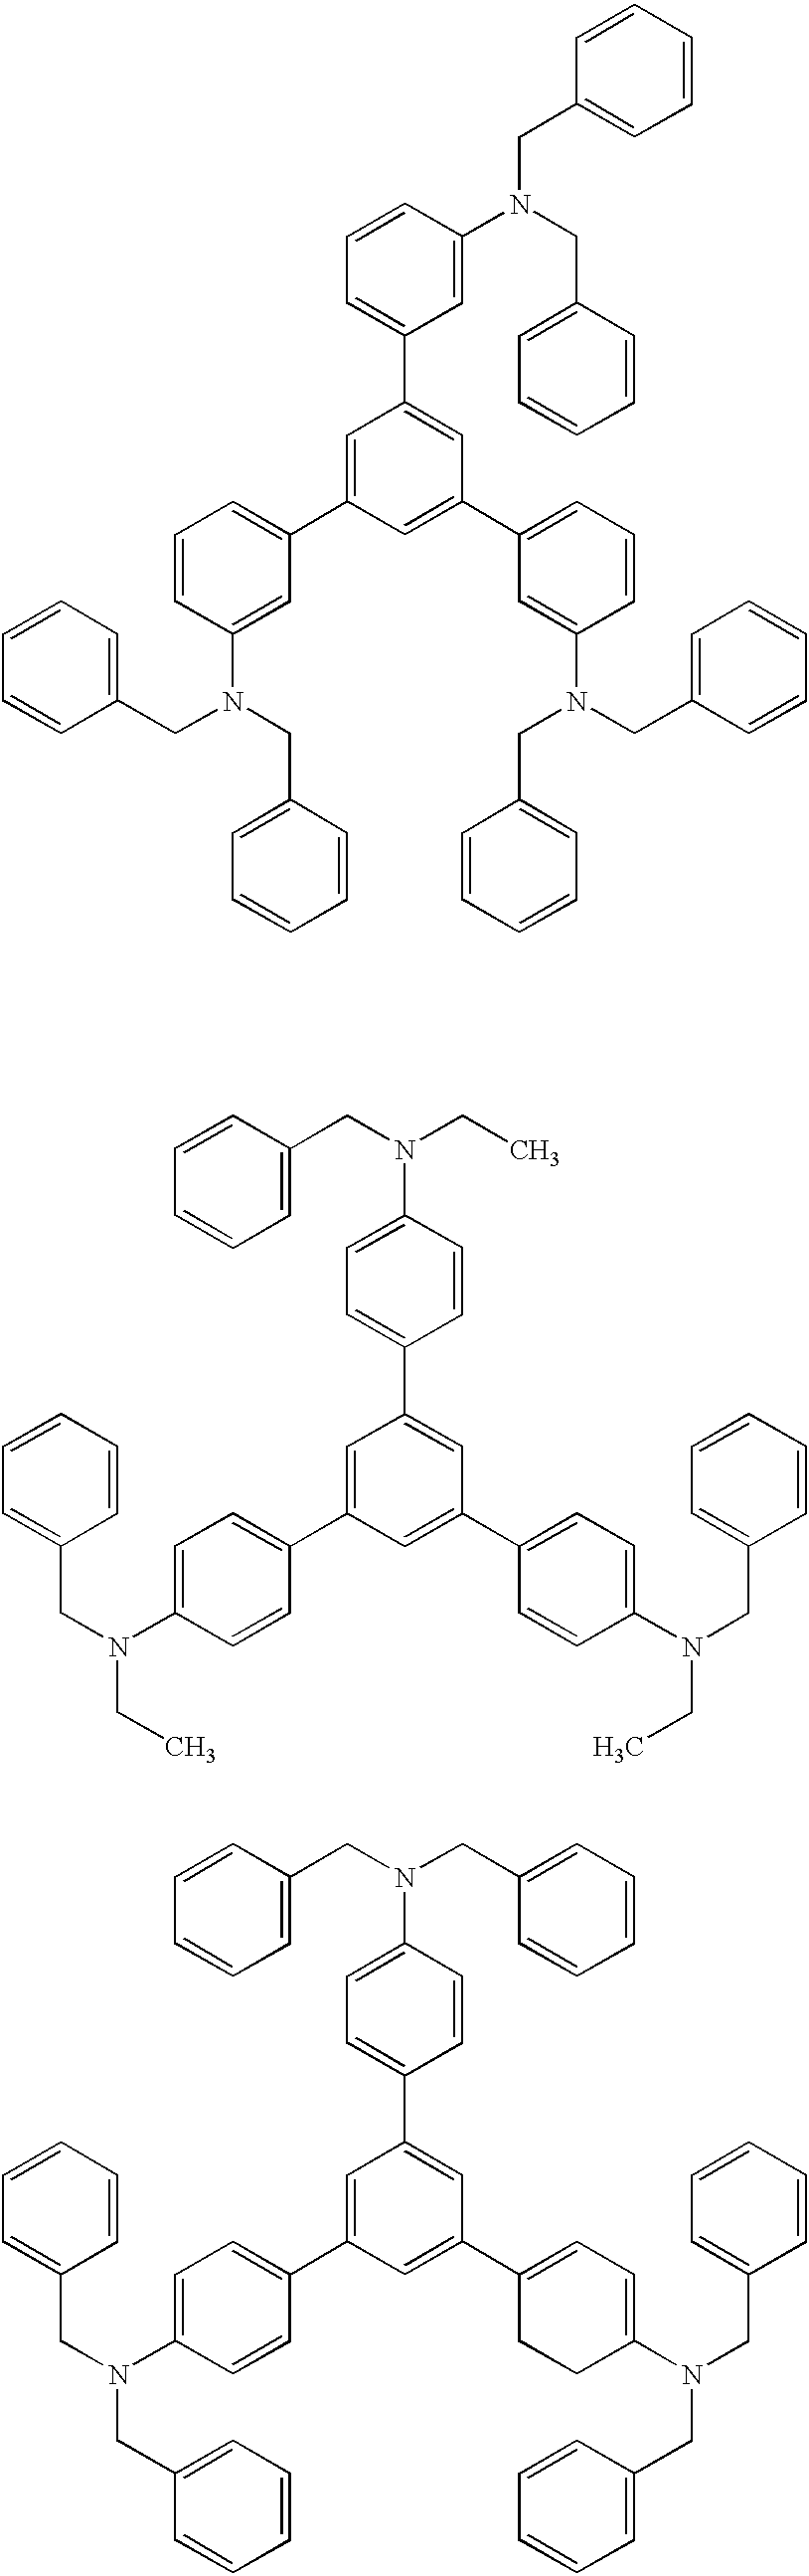 Figure US06541128-20030401-C00013